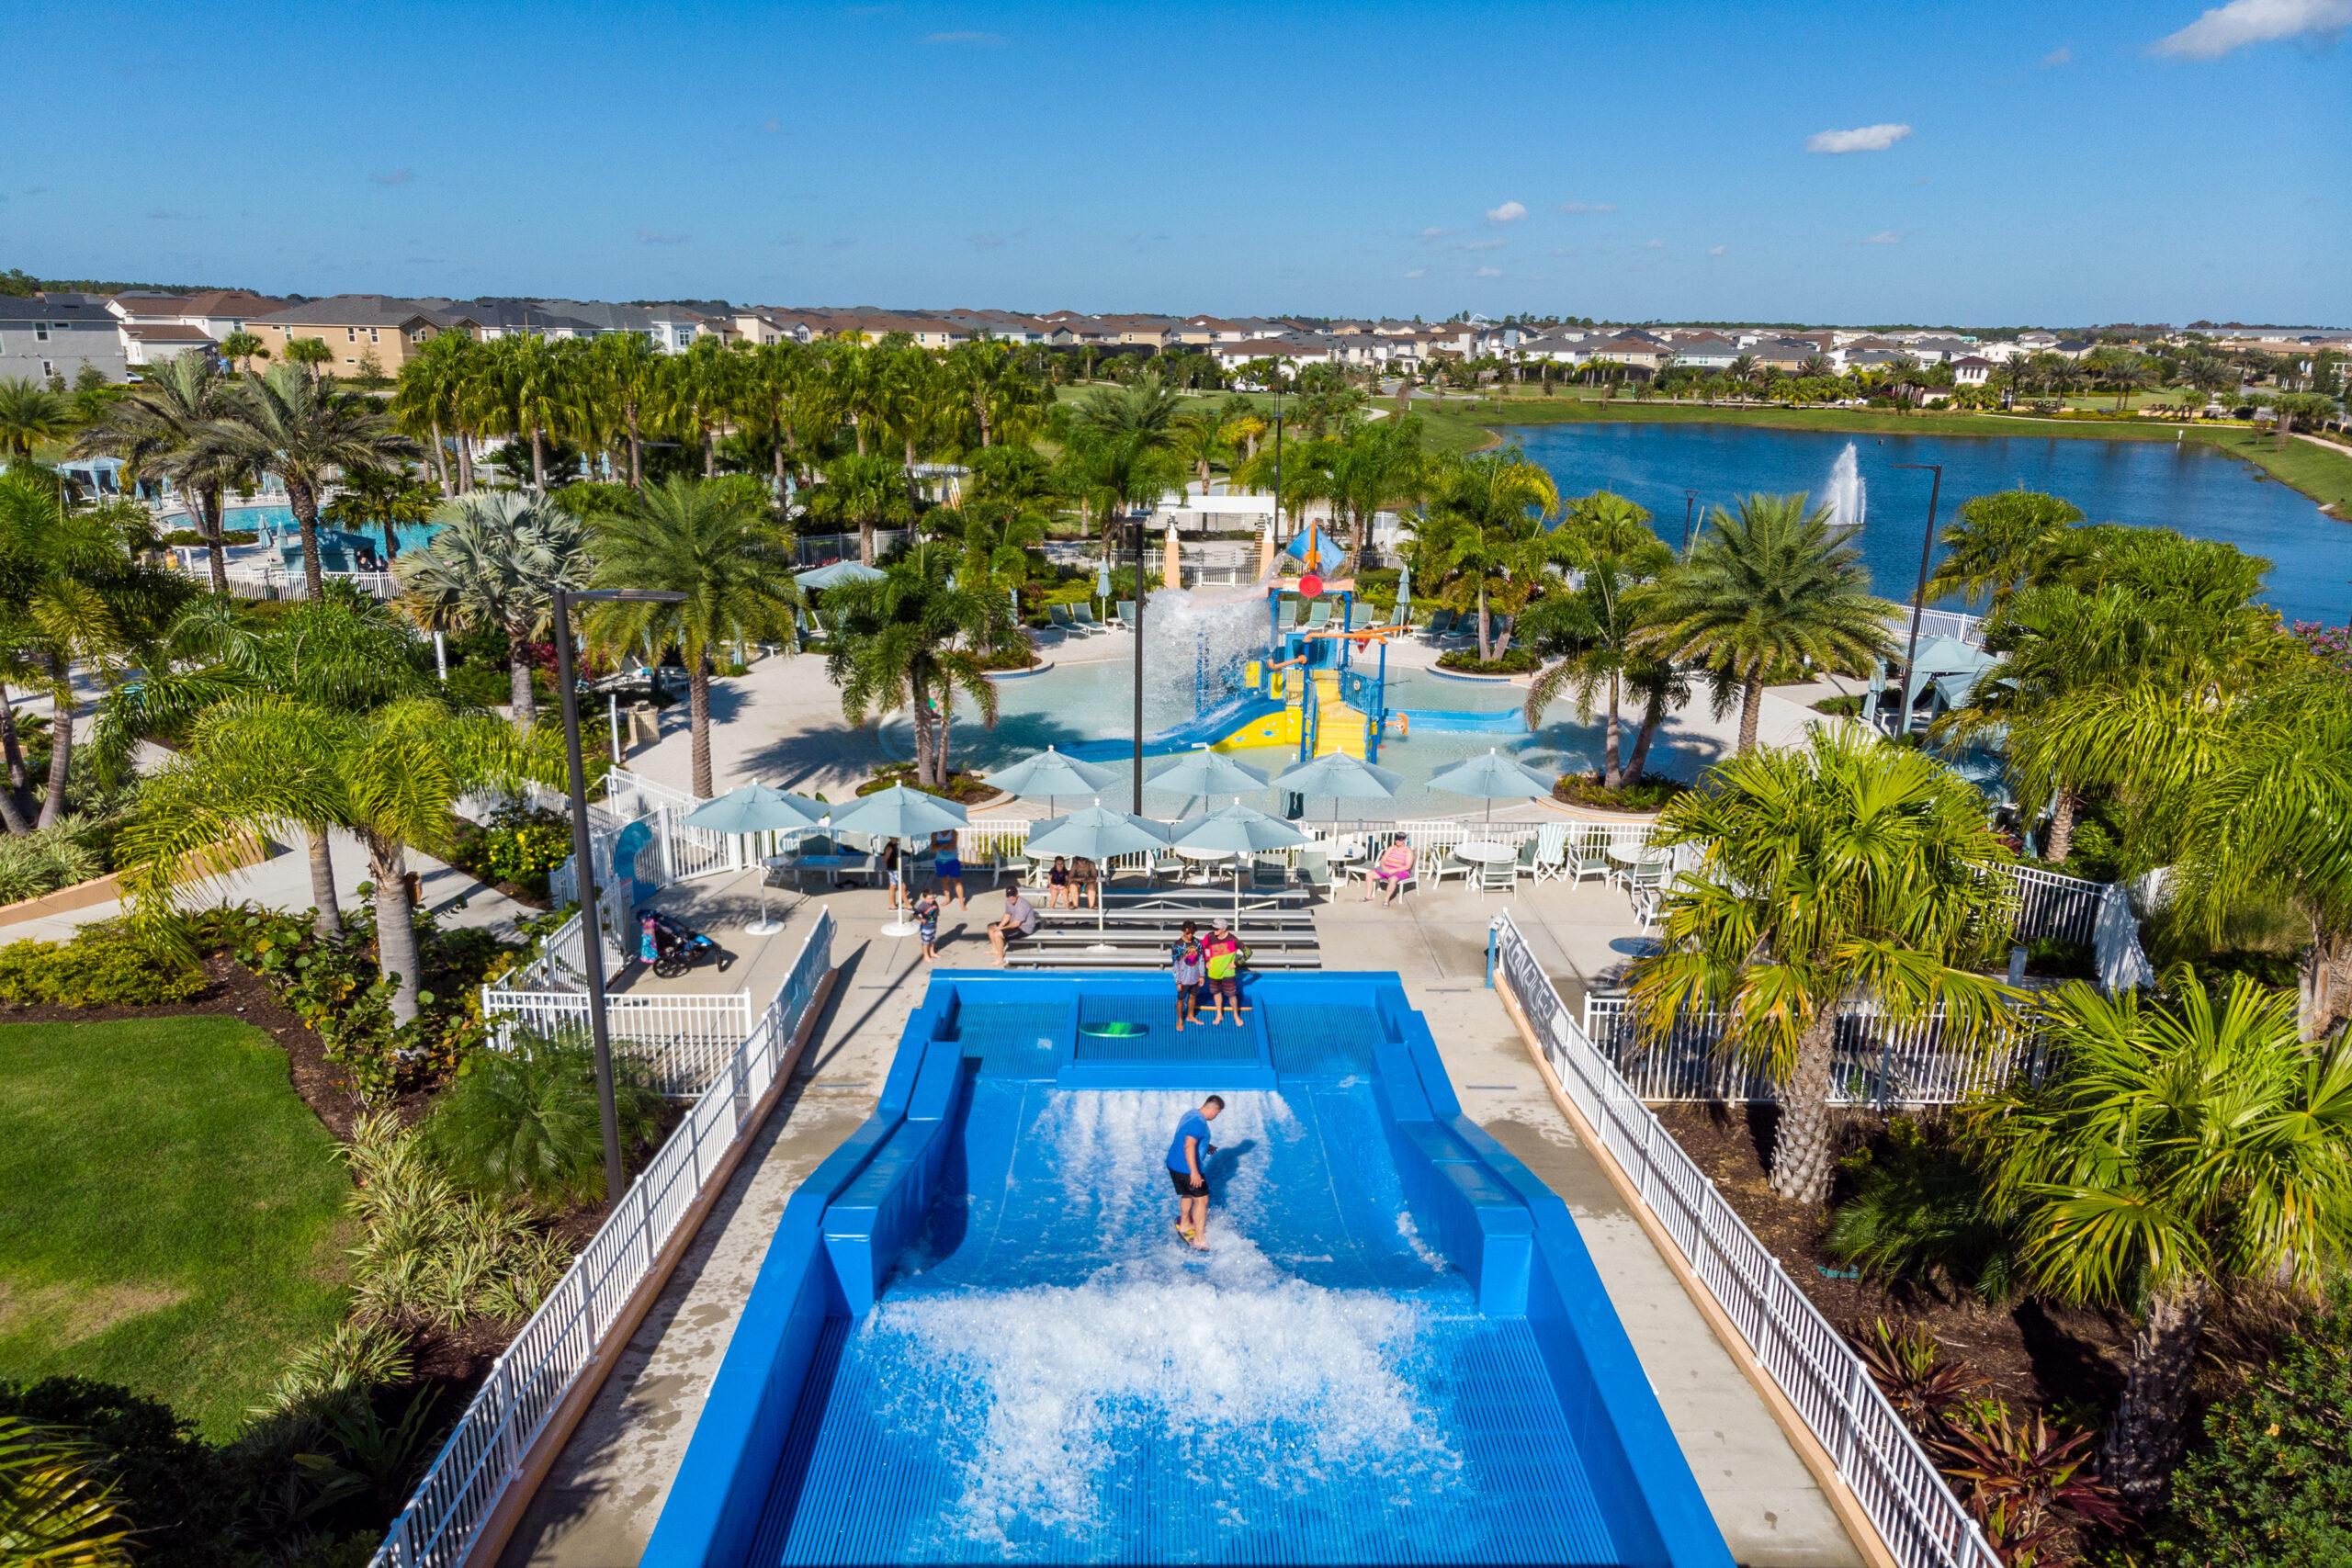 solara resort Special Amenities